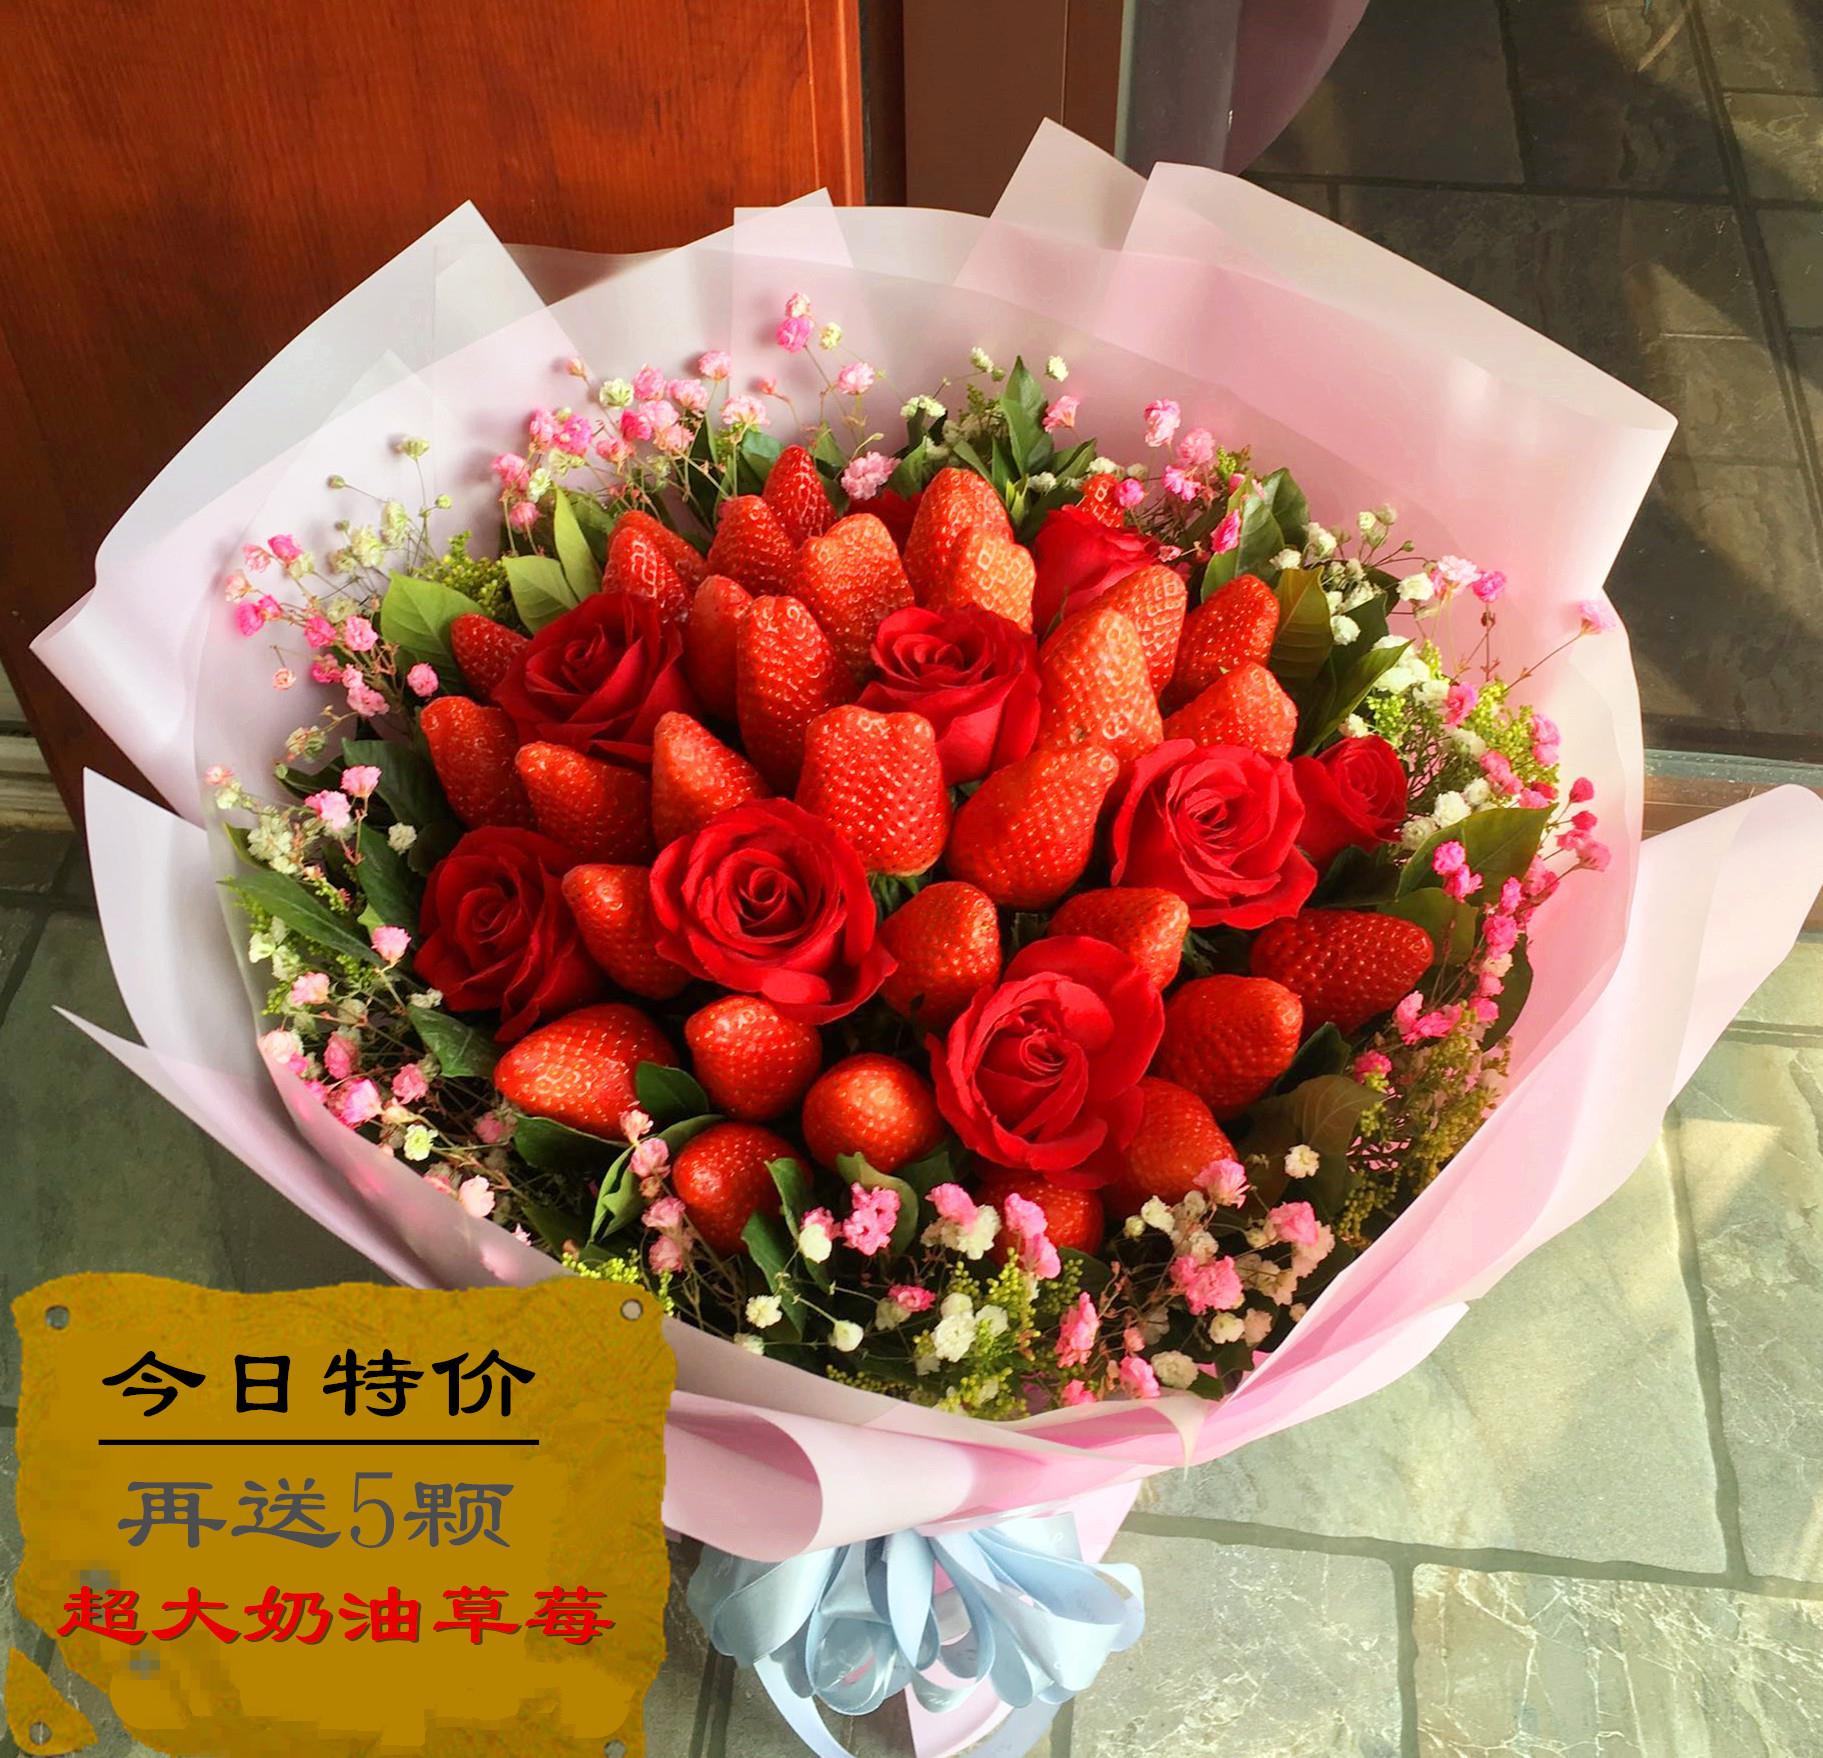 网红天津实体鲜花店同城速递配送草莓玫瑰花束花篮送闺蜜送女友送